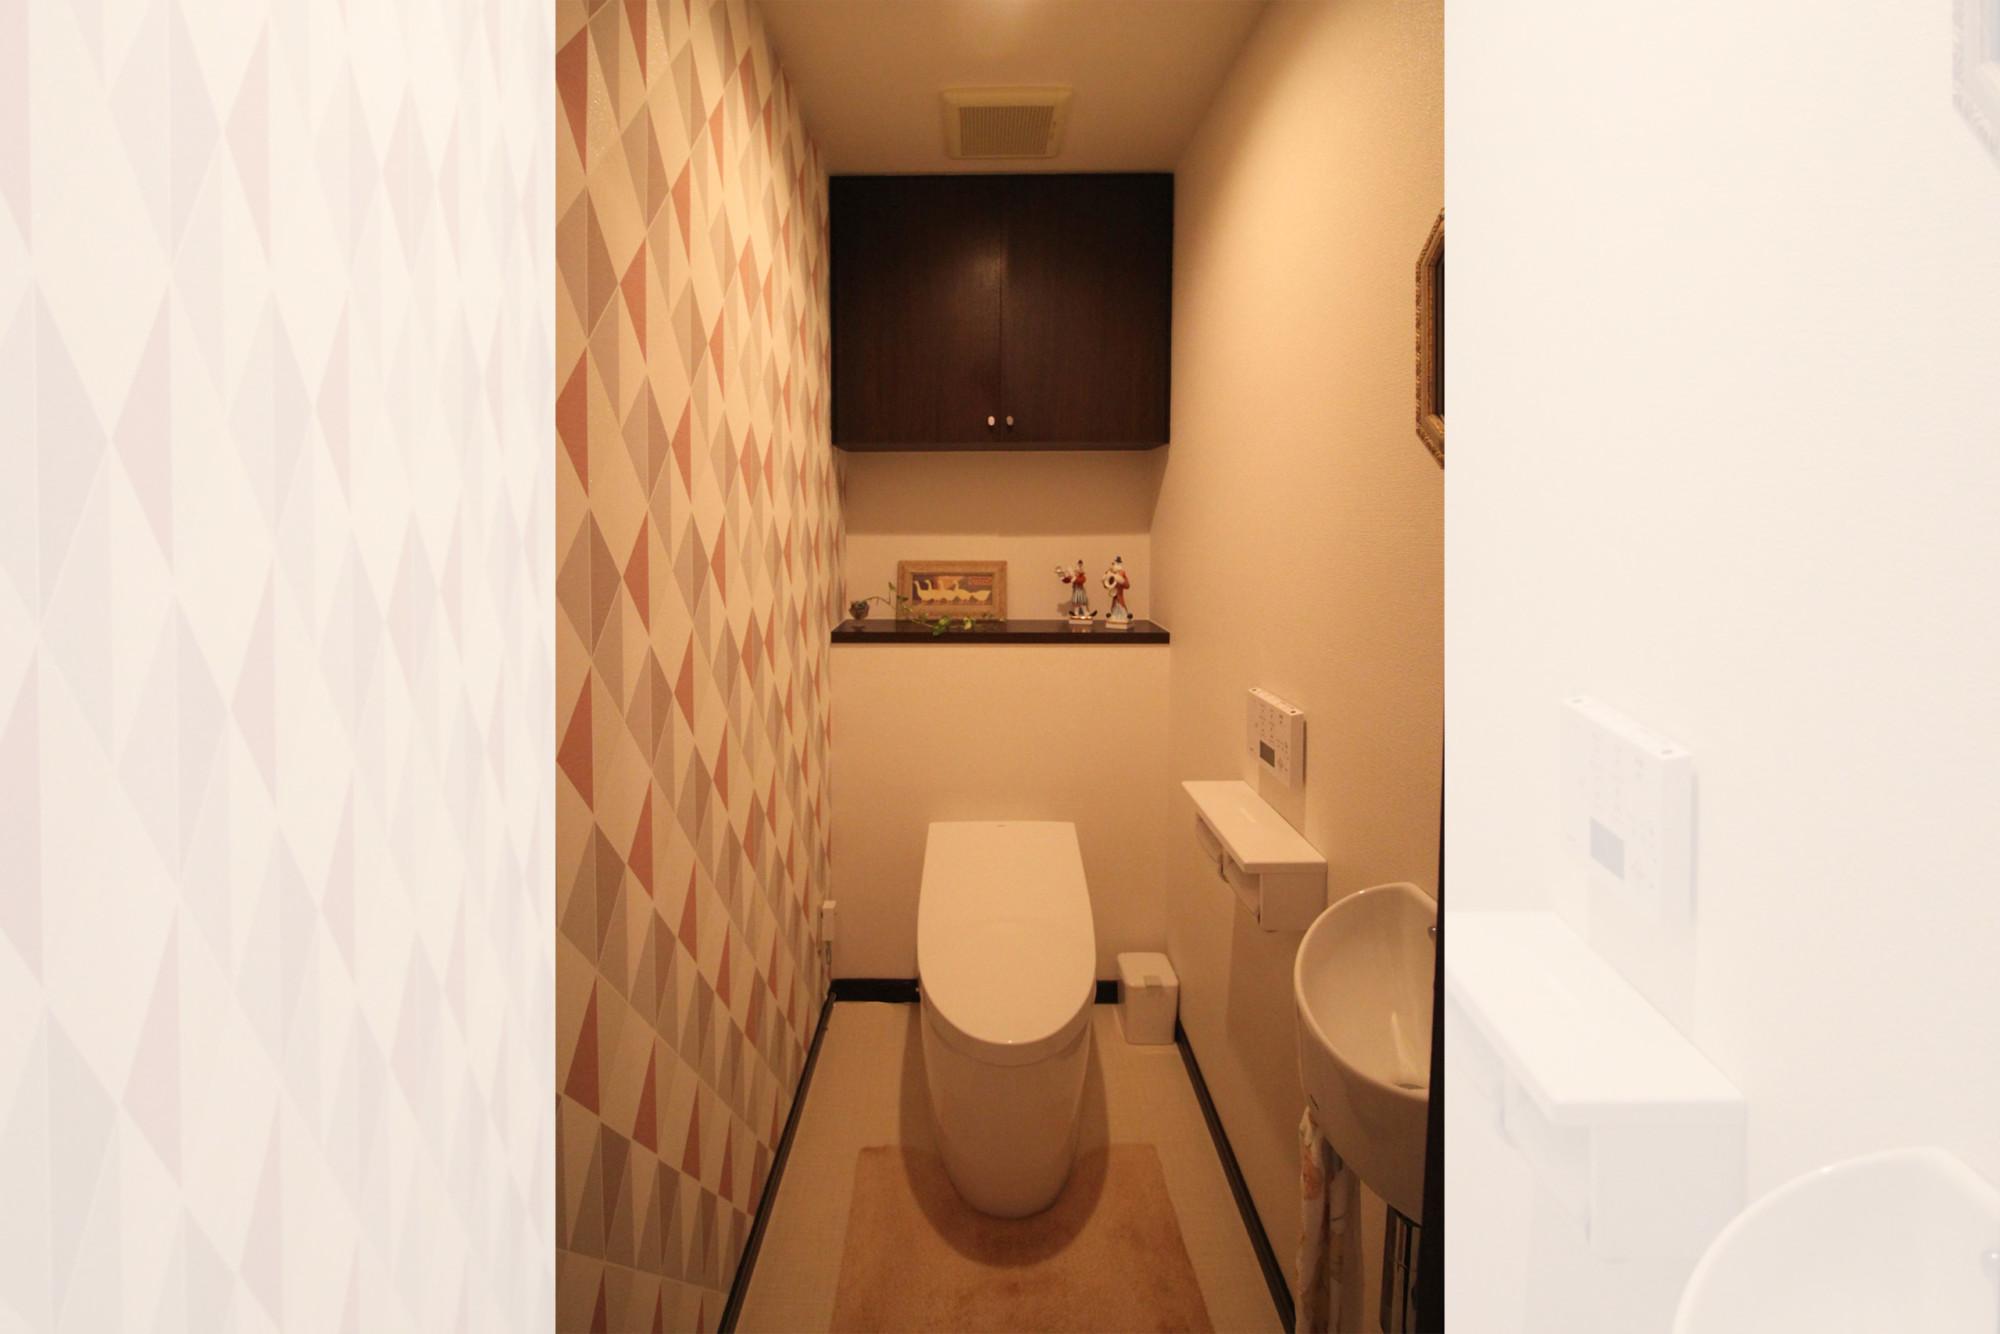 佐賀市城内 K様 トイレ改修工事 『トイレで過ごす ″上質な″ ひとり時間』